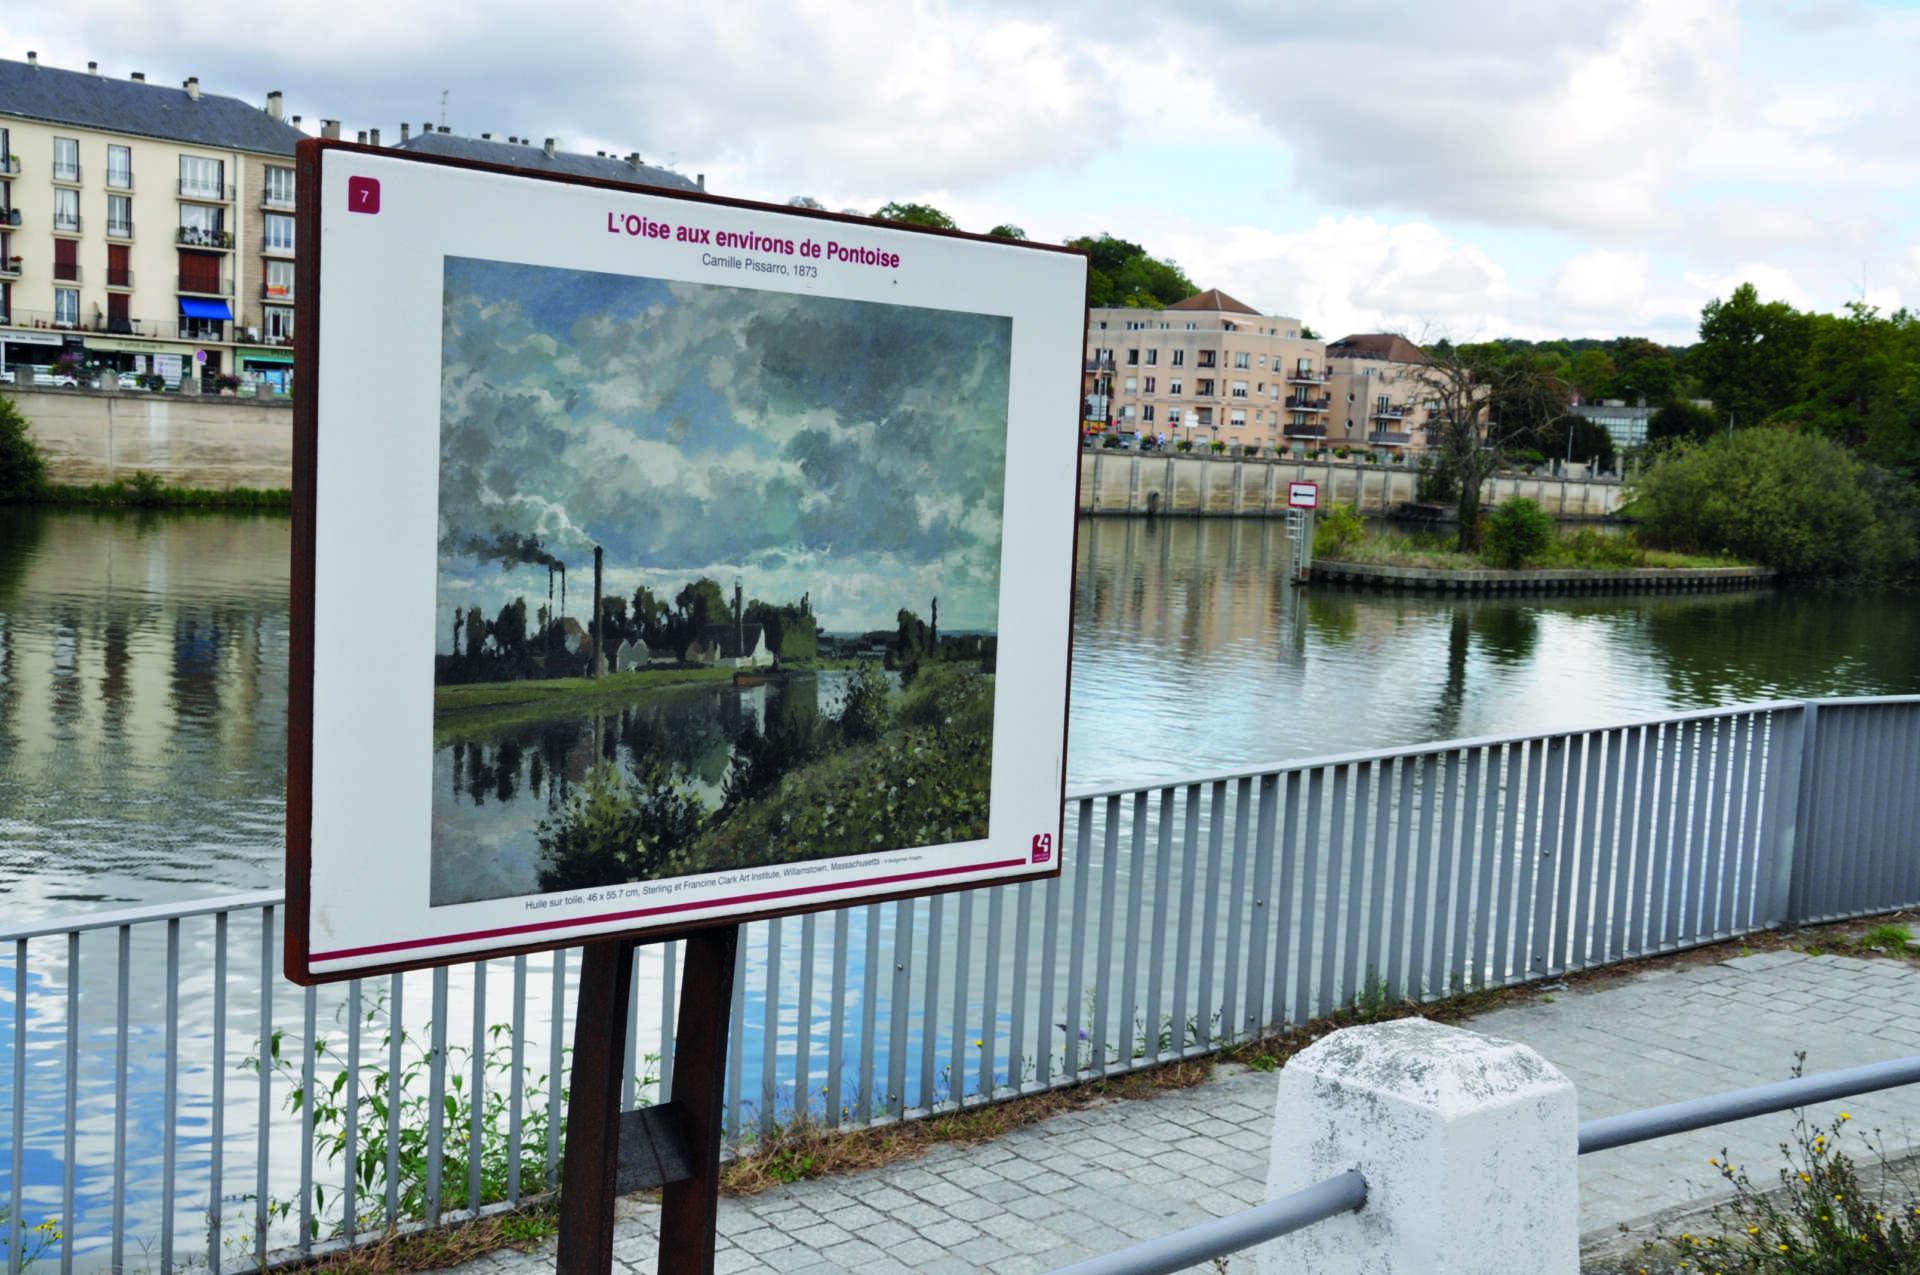 Parcours impressionniste de Saint-Ouen-l'Aumône, © Ville de Saint-Ouen l'Aumône